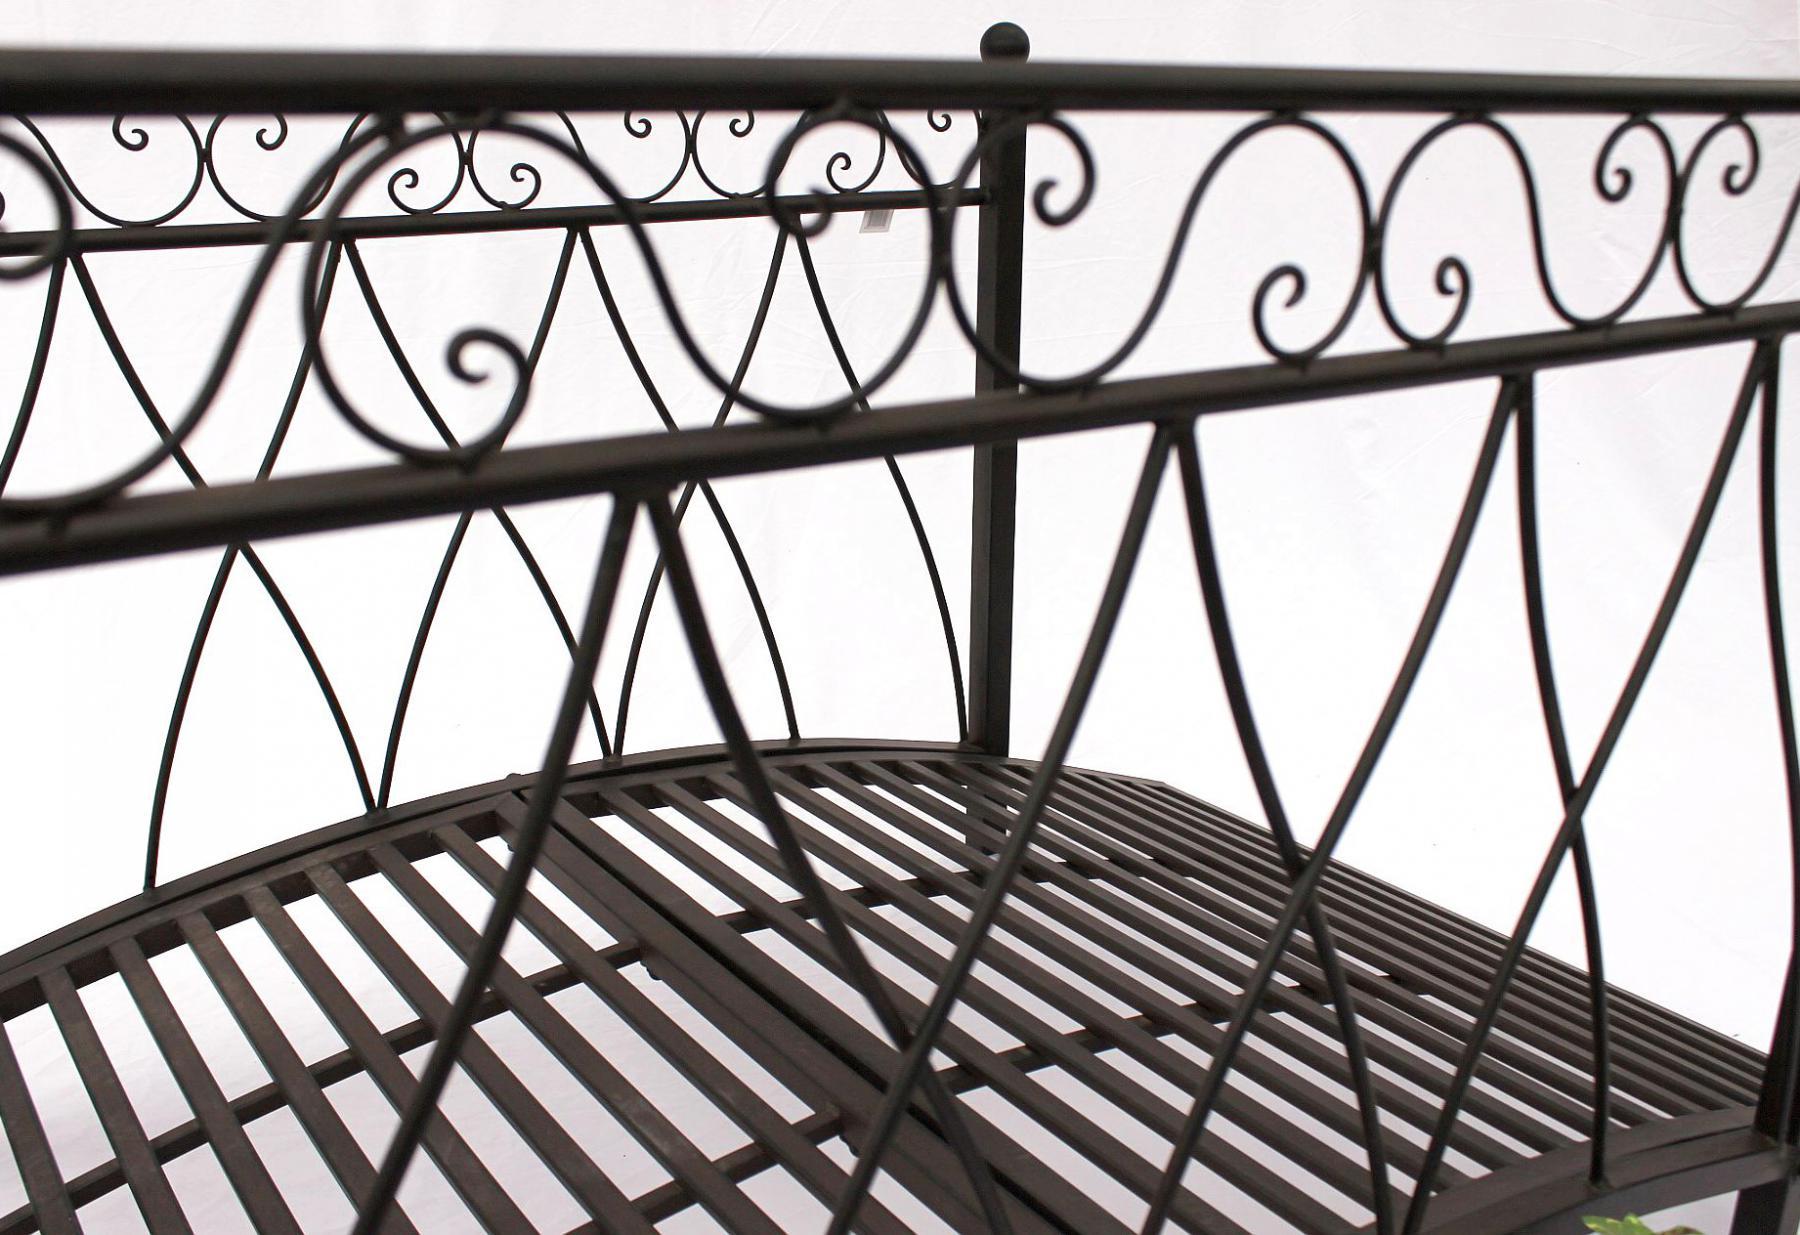 br cke aus metall 111252 eisenbr cke 145cm gartenbr cke metallbr cke gartendeko kaufen bei. Black Bedroom Furniture Sets. Home Design Ideas